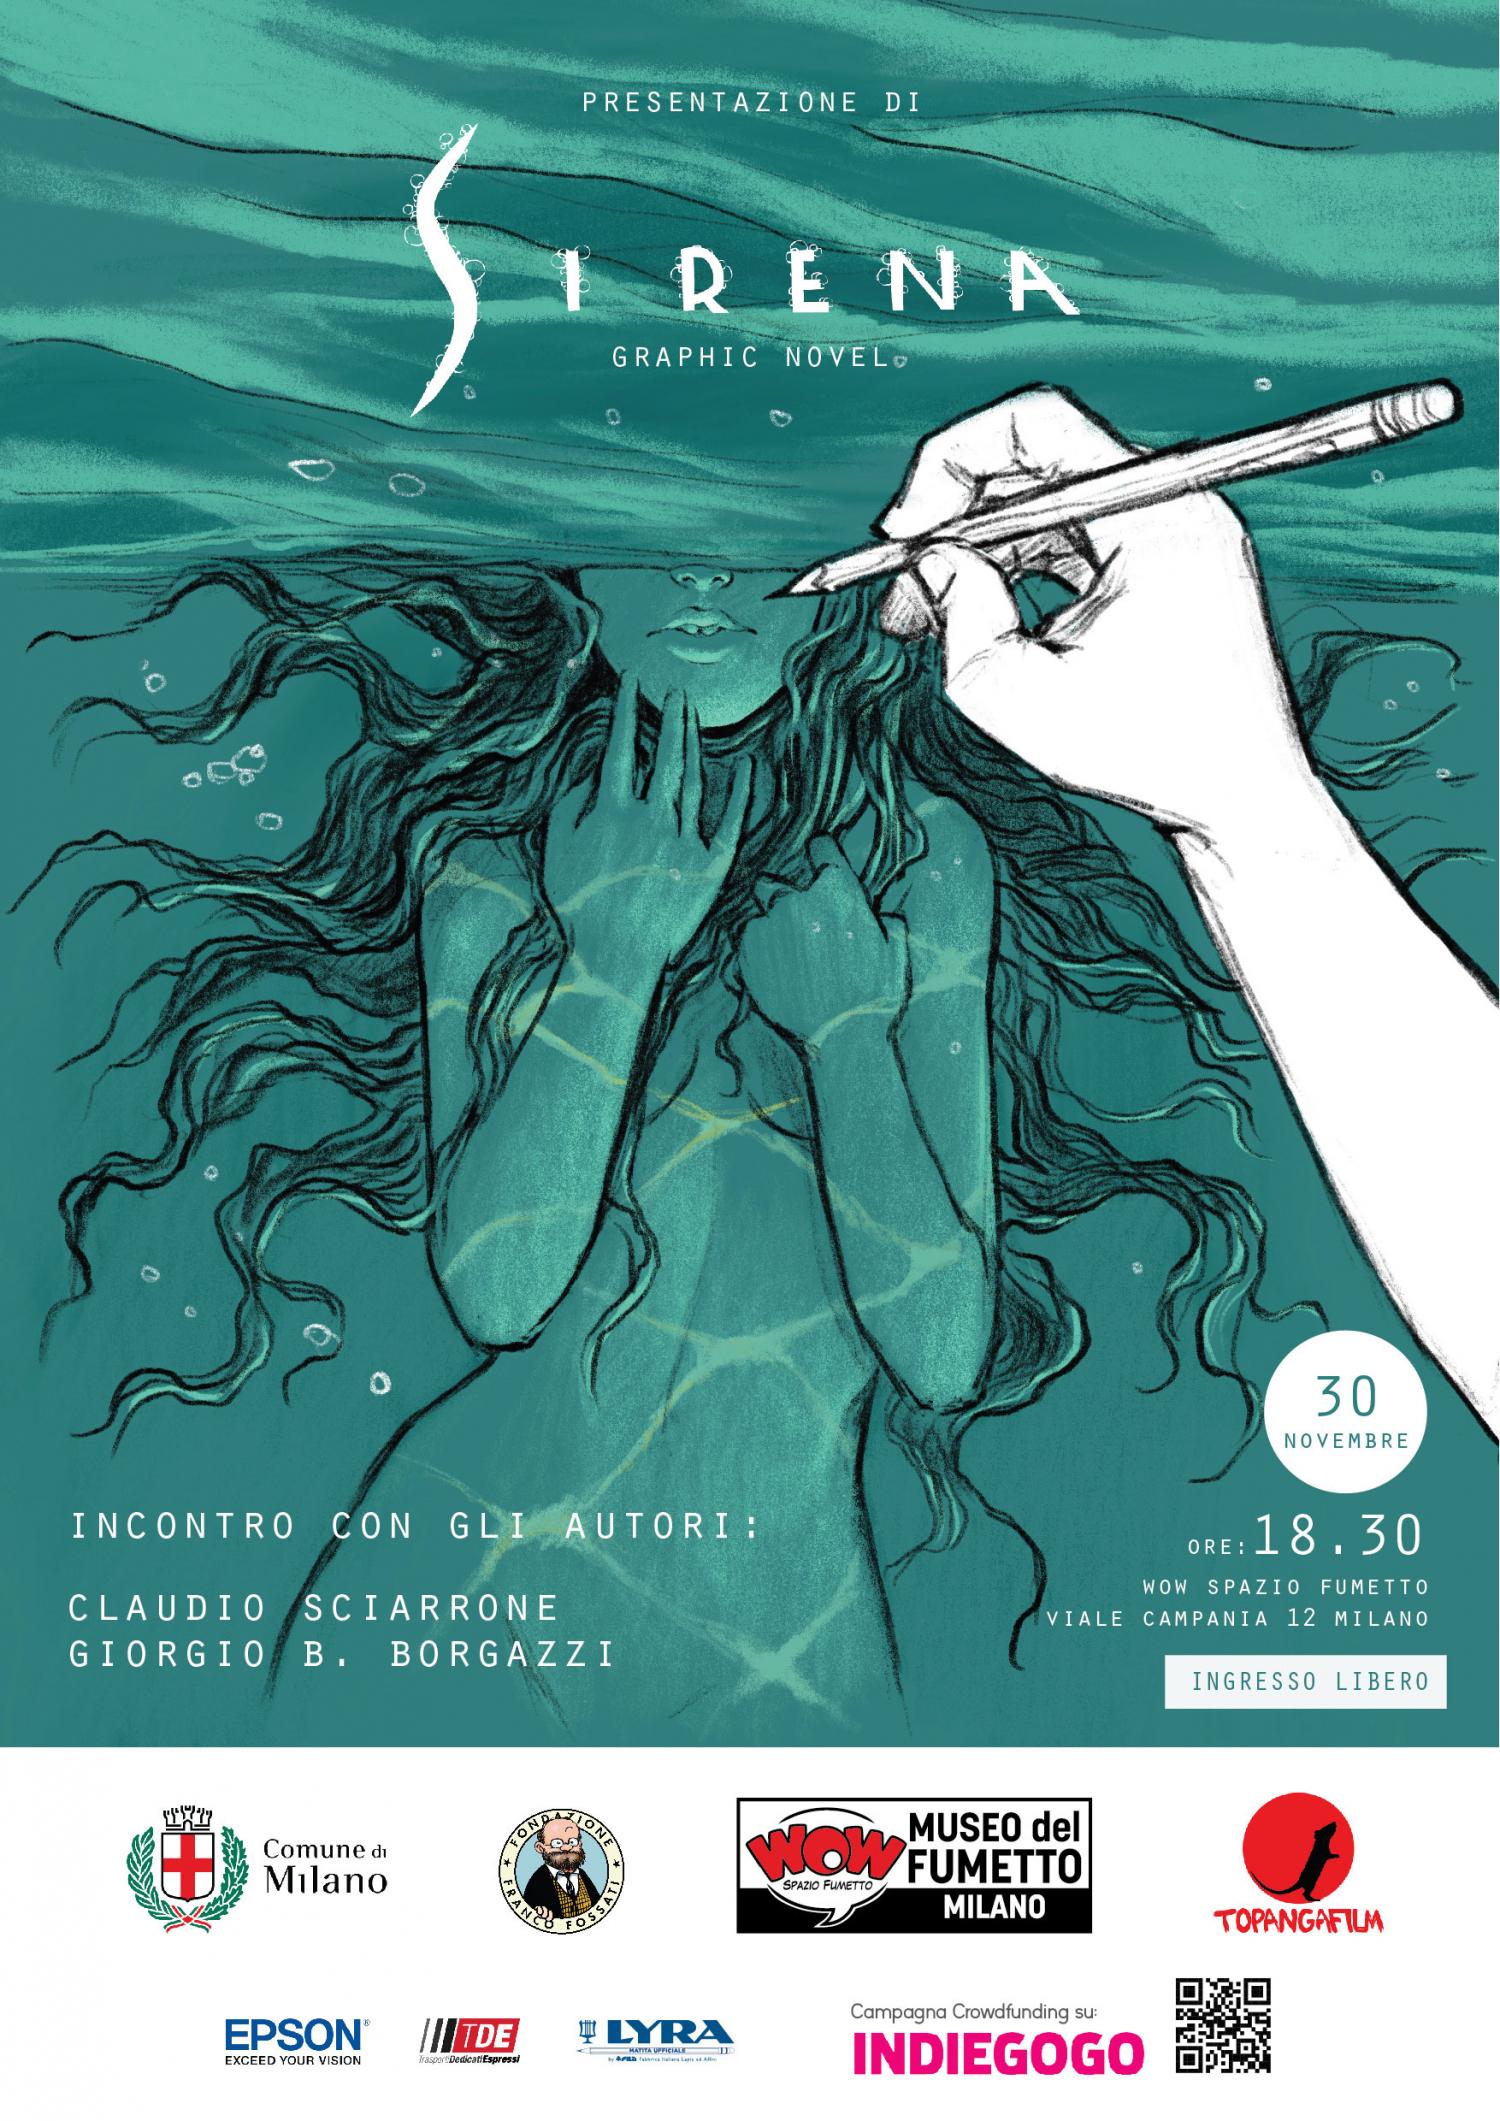 """<p><strong>Venerd&igrave; 30 novembre 2018 alle ore 18.30</strong> a WOW Spazio Fumetto il pubblico avr&agrave; l&rsquo;occasione di dialogare con gli autori del graphic novel &ldquo;Sirena&rdquo;, scoprendo in anteprima tante immagini e contenuti esclusivi del <strong>volume che &egrave; attualmente protagonista di una campagna di crowdfunding sulla piattaforma <a target=""""_blank"""" href=""""https://www.indiegogo.com/"""">Indiegogo</a></strong>. <strong>&ldquo;Sirena&rdquo; &egrave; il primo graphic novel indipendente scritto da Giorgio B. Borgazzi in collaborazione con Simona Fiori e illustrato da Claudio Sciarrone</strong>. Il noto fumettista Disney curer&agrave;, infatti, i disegni e l&rsquo;adattamento dando vita a una fiaba dark. Il progetto &egrave; a cura di <strong><a target=""""_blank"""" href=""""http://www.topangafilm.com/"""">Topanga Film</a></strong>. L&rsquo;idea degli autori nasce dall&rsquo;esigenza di sperimentare nuovi universi narrativi, creando una storia che possa diventare la genesi di un <strong>progetto transmediale indipendente</strong>, da un graphic novel a un film. Sirena sar&agrave;, infatti, il prequel, sottoforma di fumetto, di un lungometraggio caratterizzato da una commistione di forme d&rsquo;arte. L&rsquo;obiettivo principale del progetto &egrave; quello di dare valore all&rsquo;indipendenza artistica, nella quale il team creativo crede moltissimo, creando una storia che abbia la capacit&agrave; di coinvolgere i lettori attraverso una vicenda appassionante e ricca di emozioni. <strong>Per realizzare questo progetto gli autori hanno deciso di attivare una campagna di crowdfunding sulla piattaforma Indiegogo</strong>, un modo innovativo per far conoscere il fumetto dando la possibilit&agrave; a tutti gli appassionati di fare una donazione in cambio di un premio. <strong>La <a target=""""_blank"""" href=""""https://www.indiegogo.com/projects/sirena-graphic-novel-first-edition"""">campagna sar&agrave; attiva fino al 31 dicembre 2018</a> e il ricavato verr&agrave; uti"""